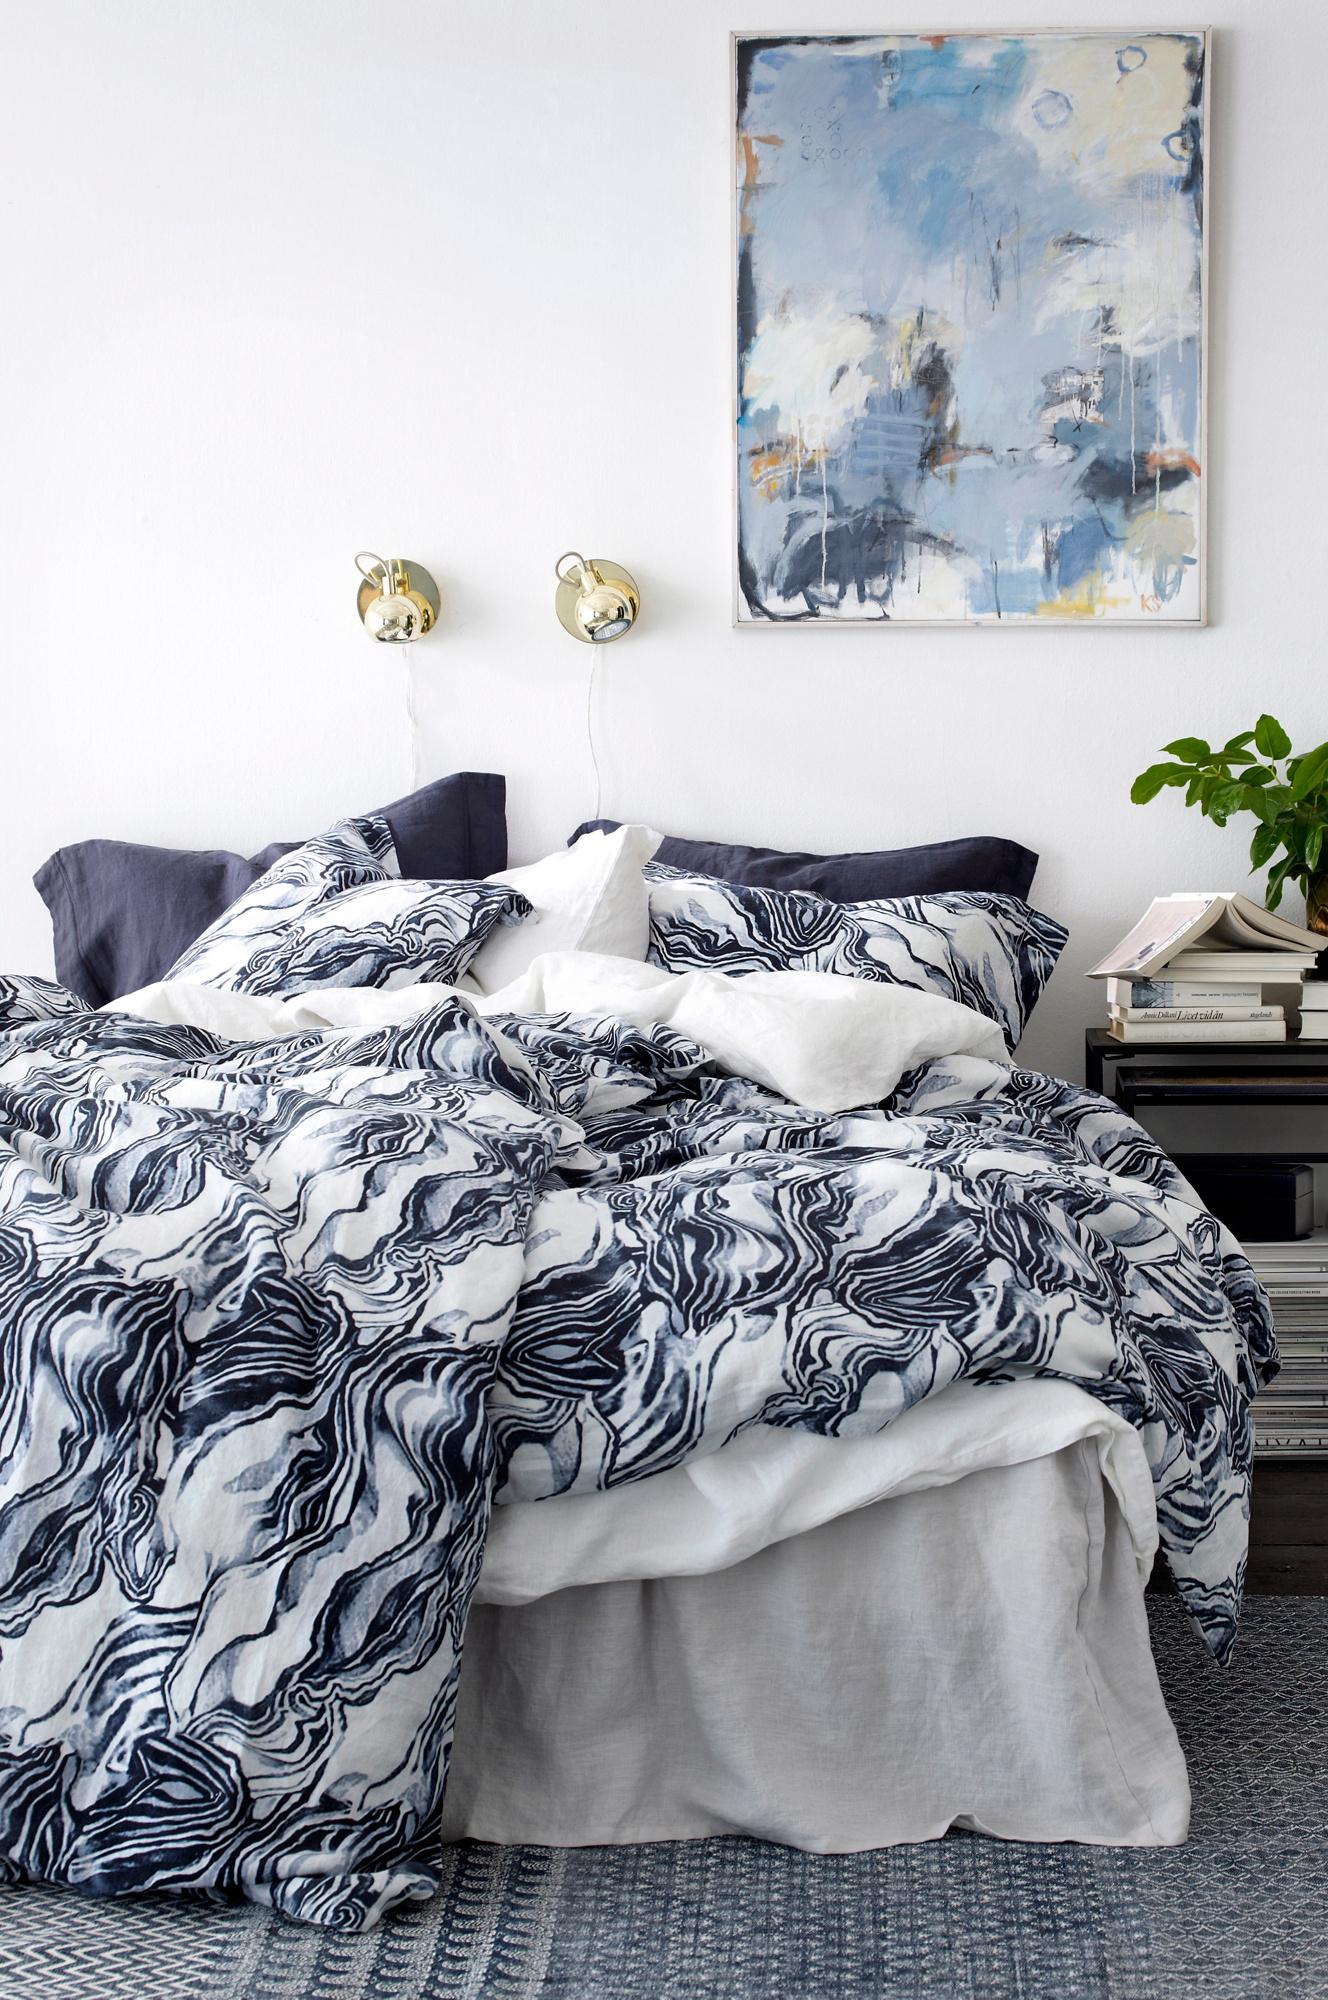 Ellos sängkläder - fixaodona.se